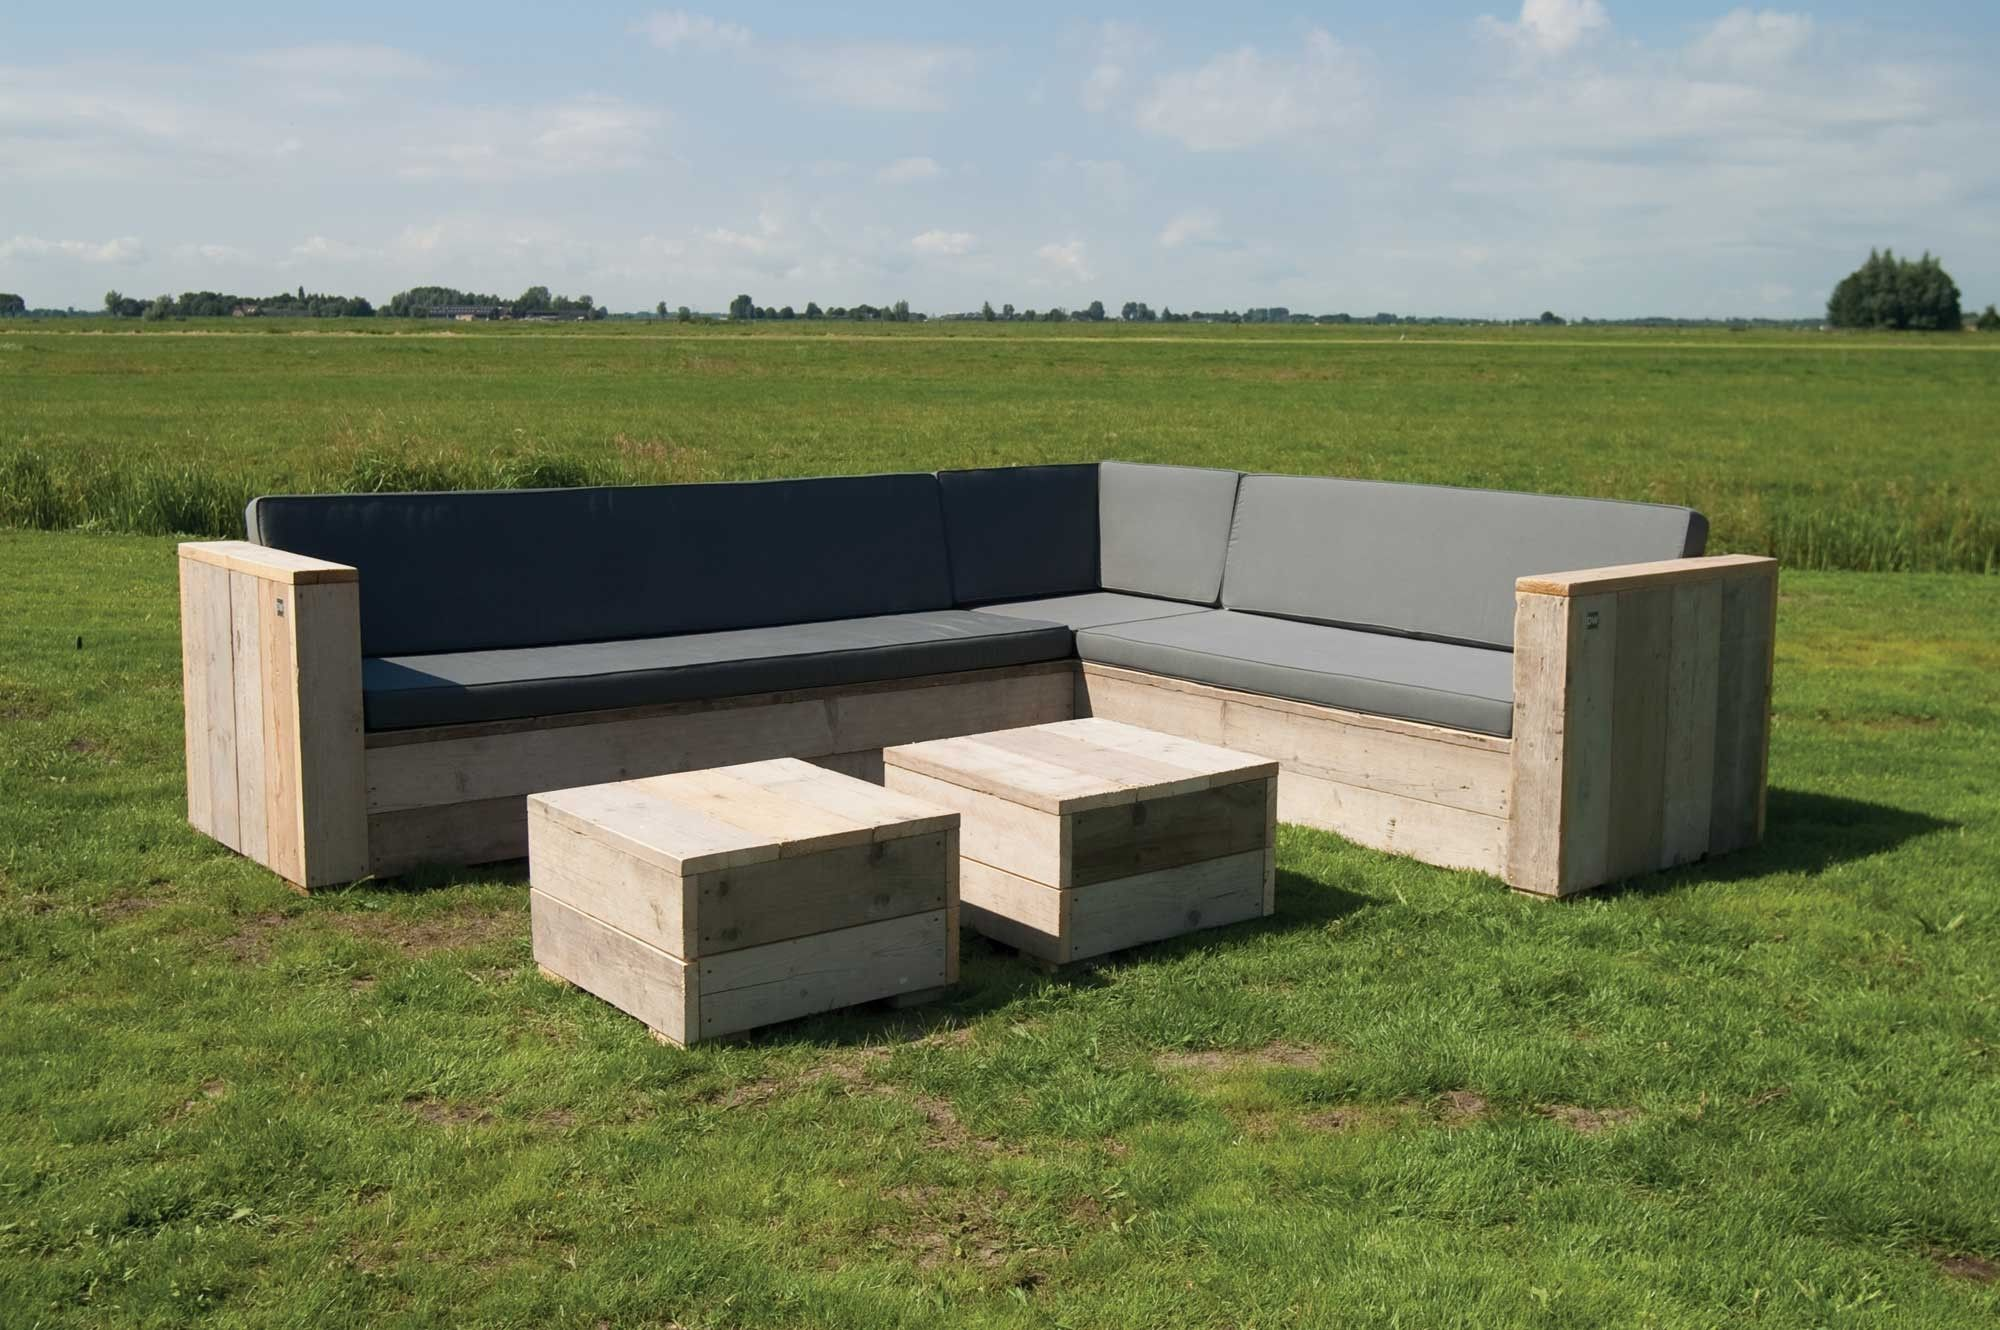 Wunderbar Gartenset Eckbank Aus Unbehandeltem Gerüstholz Mit Tisch Lounge Garten Holz  Gartenmöbel Bauholz